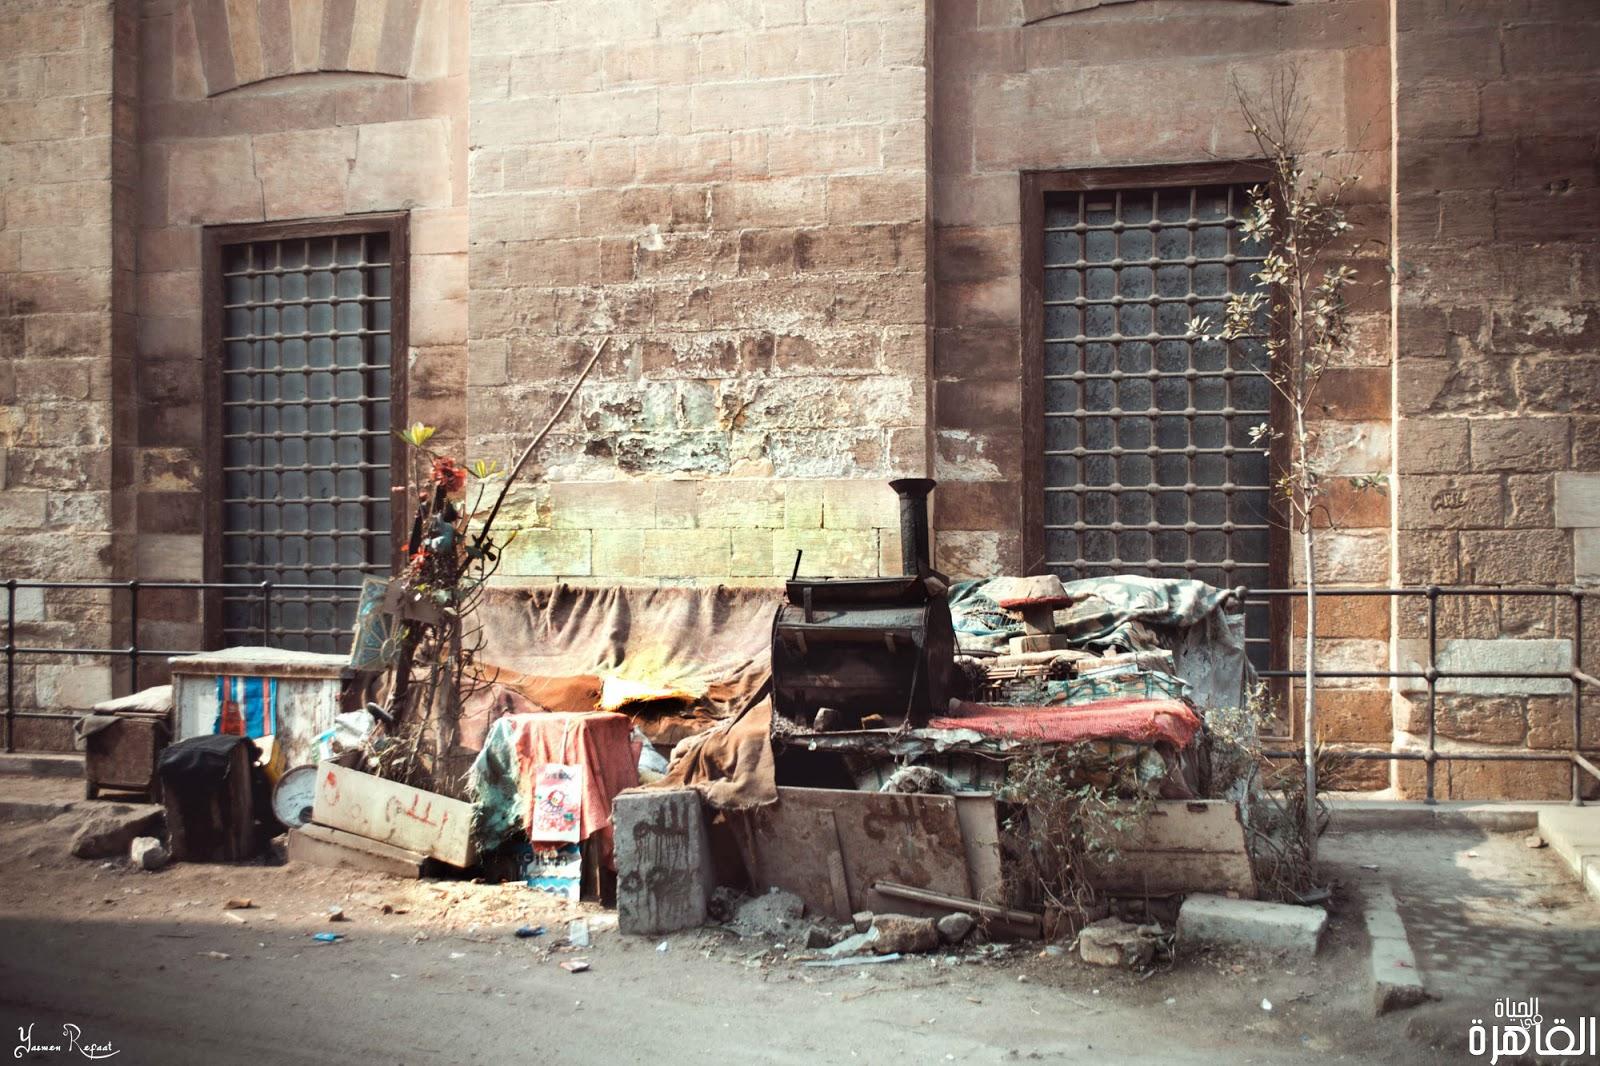 الحياة في القاهرة - الدرب المدفون